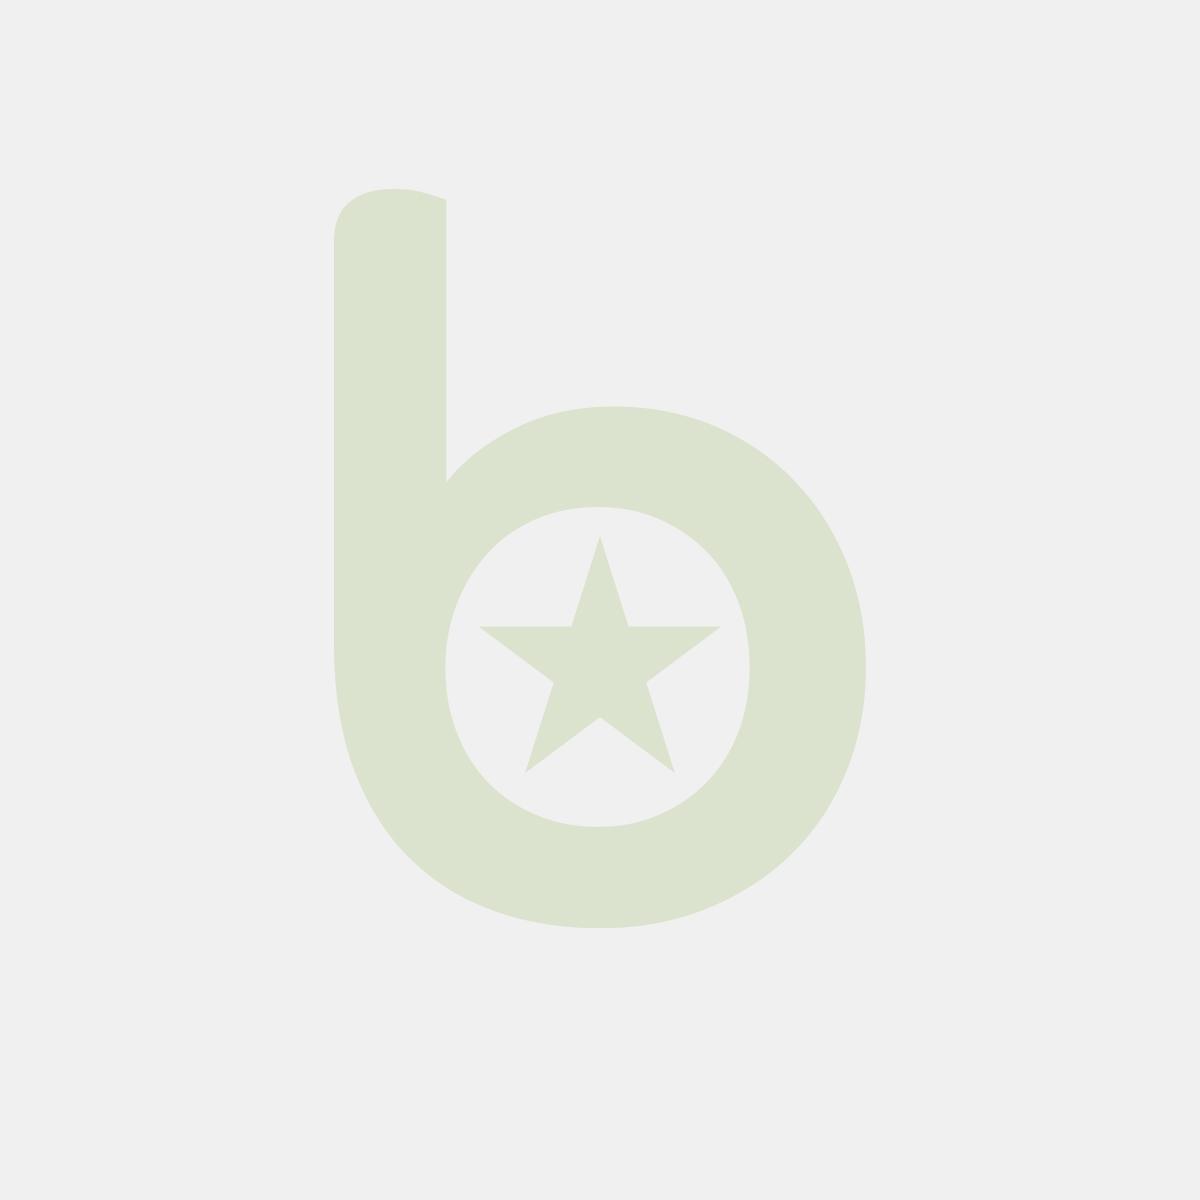 Ręcznik rola MAXI KATRiN biały, cena za opakowanie 2 rolki